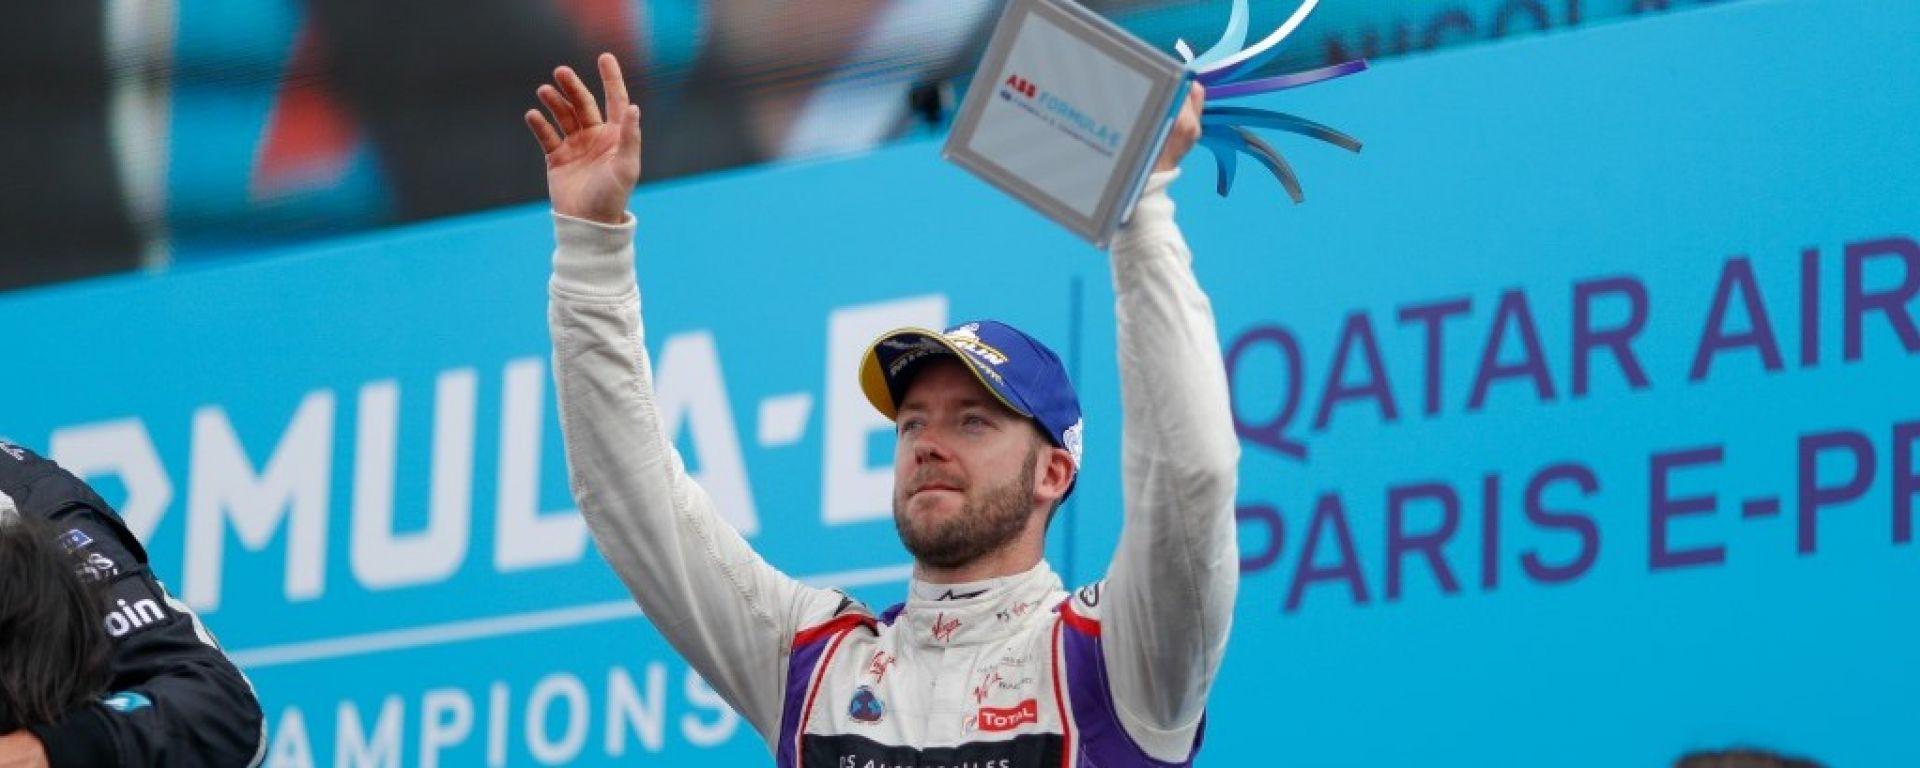 Sam Bird dopo il GP di Parigi: che gara spettacolare!